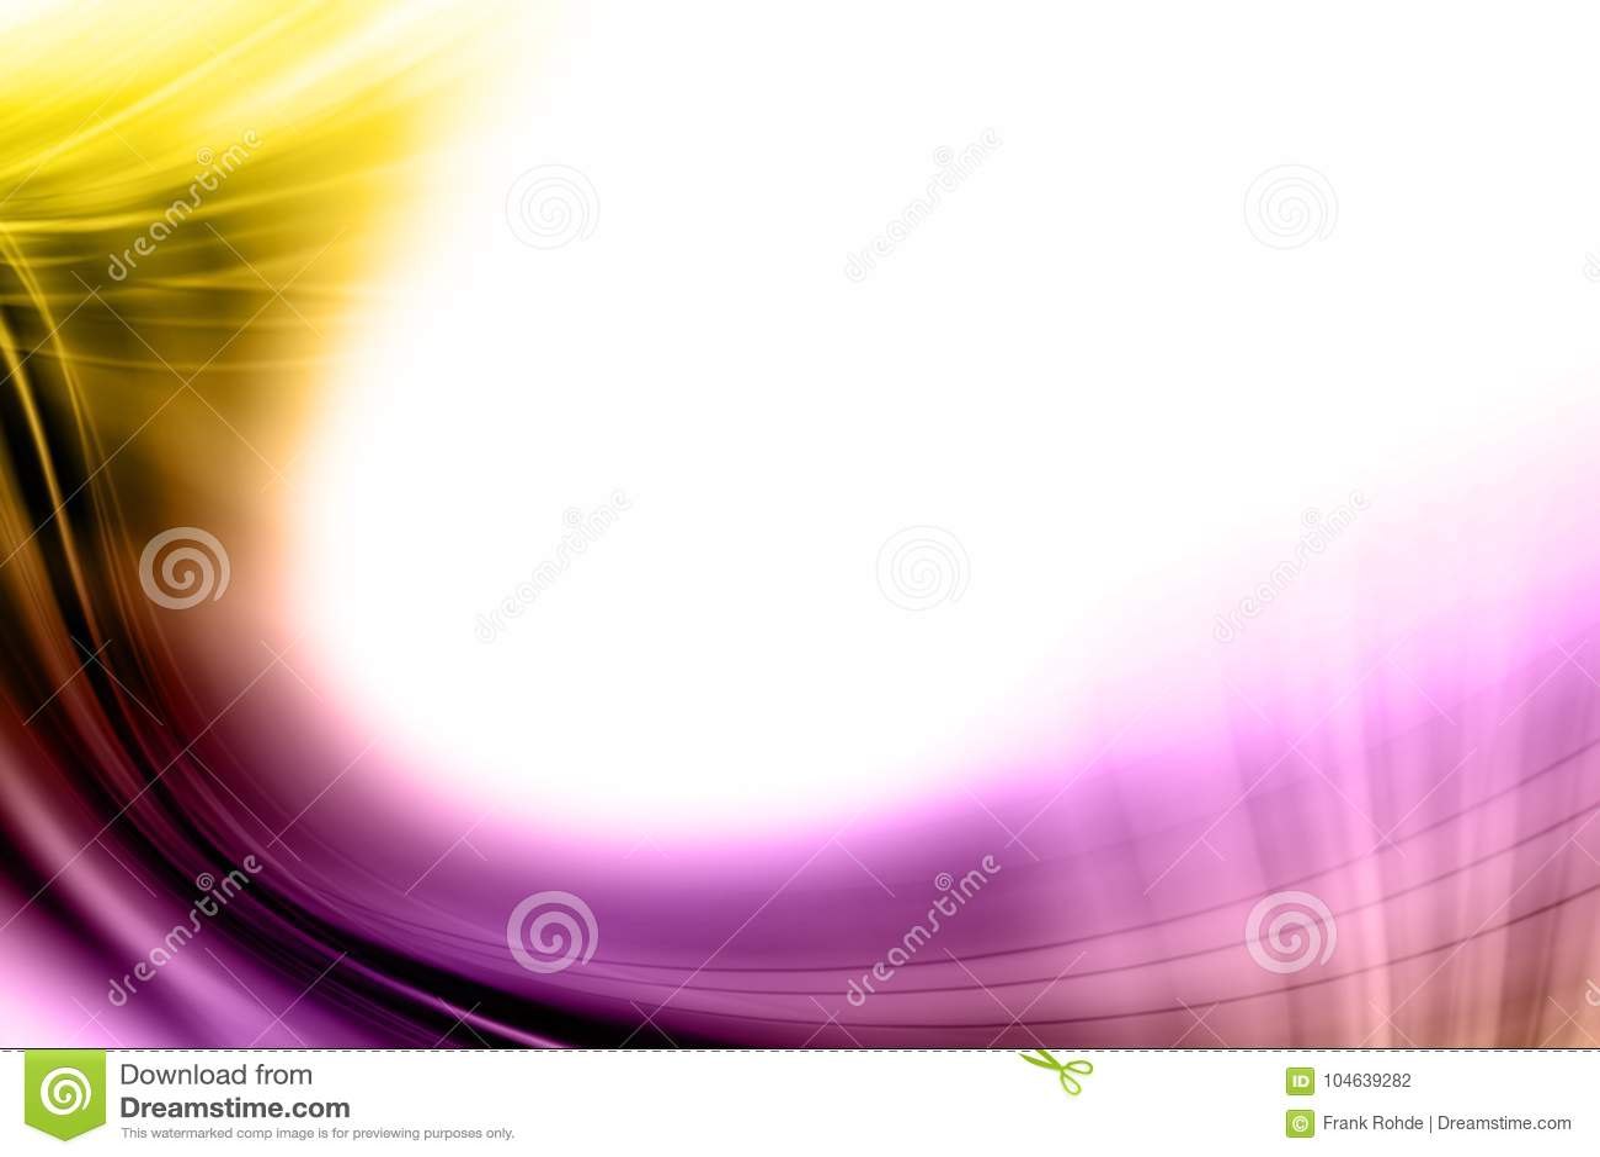 Download Abstract Elegant Ontwerp Als Achtergrond Stock Illustratie - Illustratie bestaande uit golf, tekening: 104639282